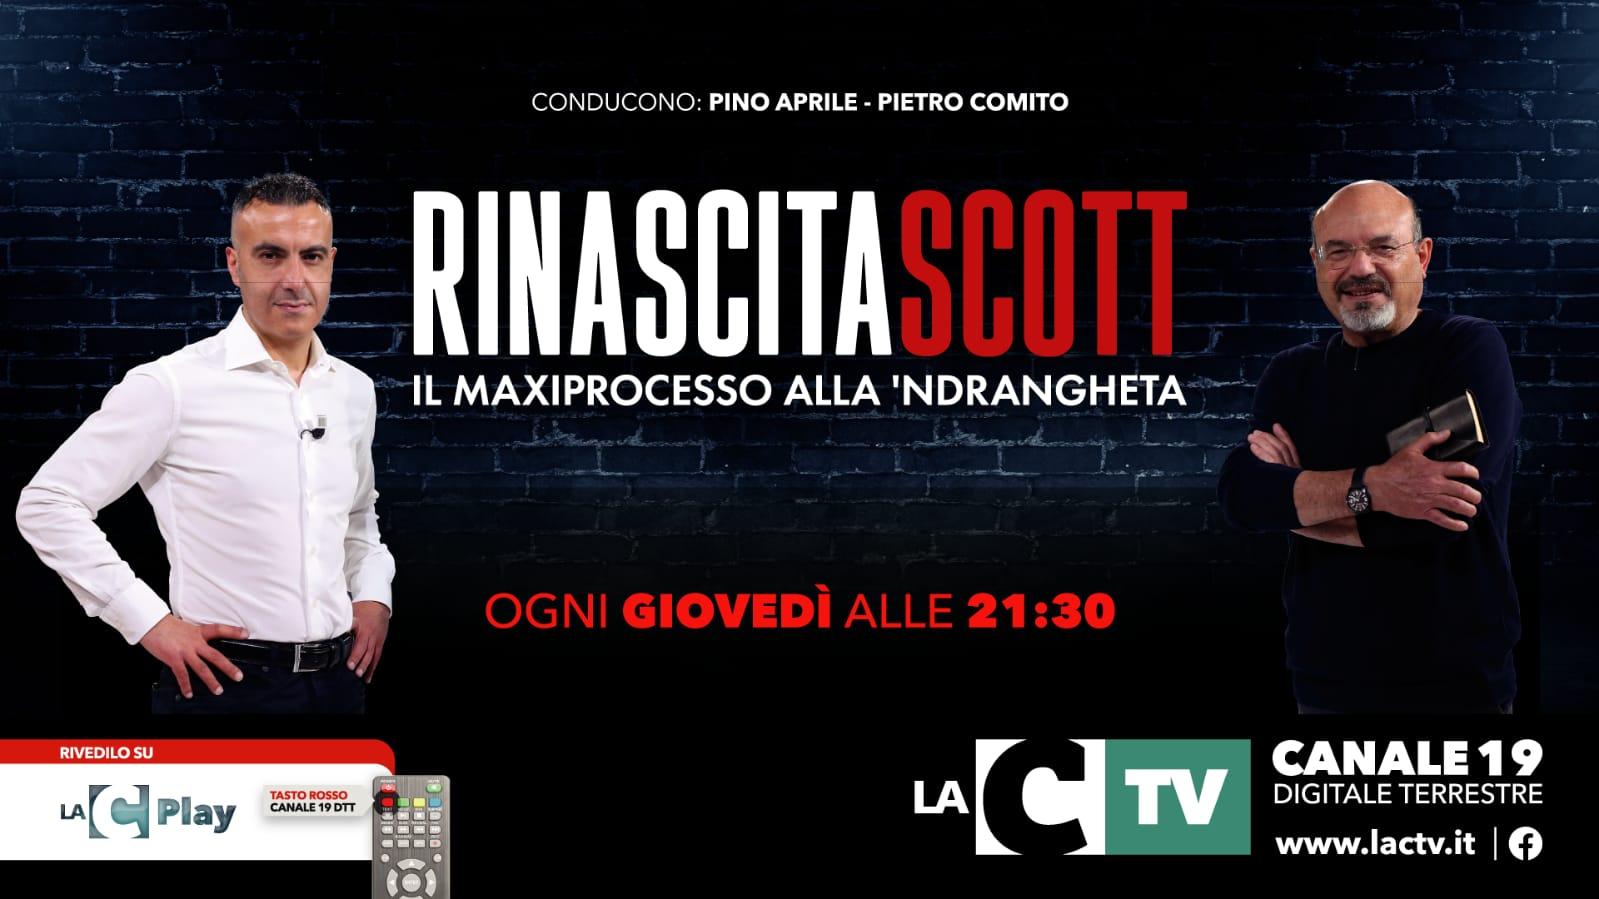 Torna il format LaC Rinascita Scott-Il maxiprocesso alla 'ndrangheta: GUARDA LA DIRETTA